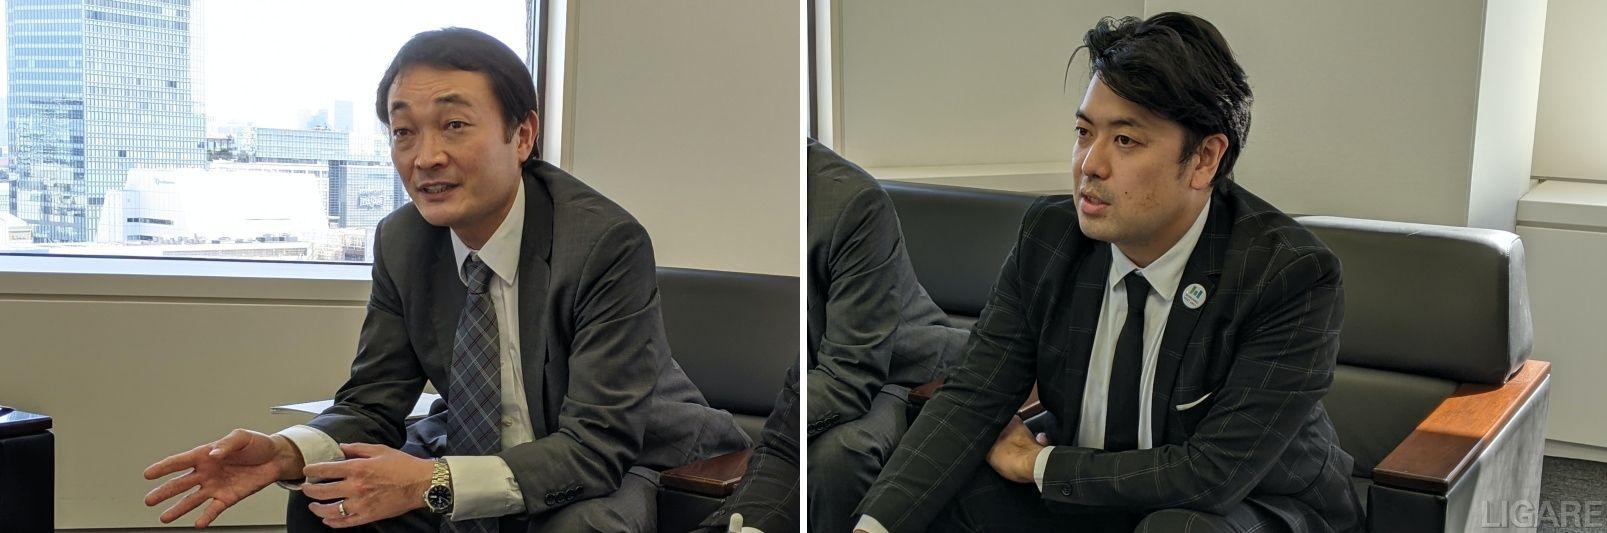 環境改善委員会事務局の小林洋平事務局長(左)とスマートシティTFの村上拓也氏(右)